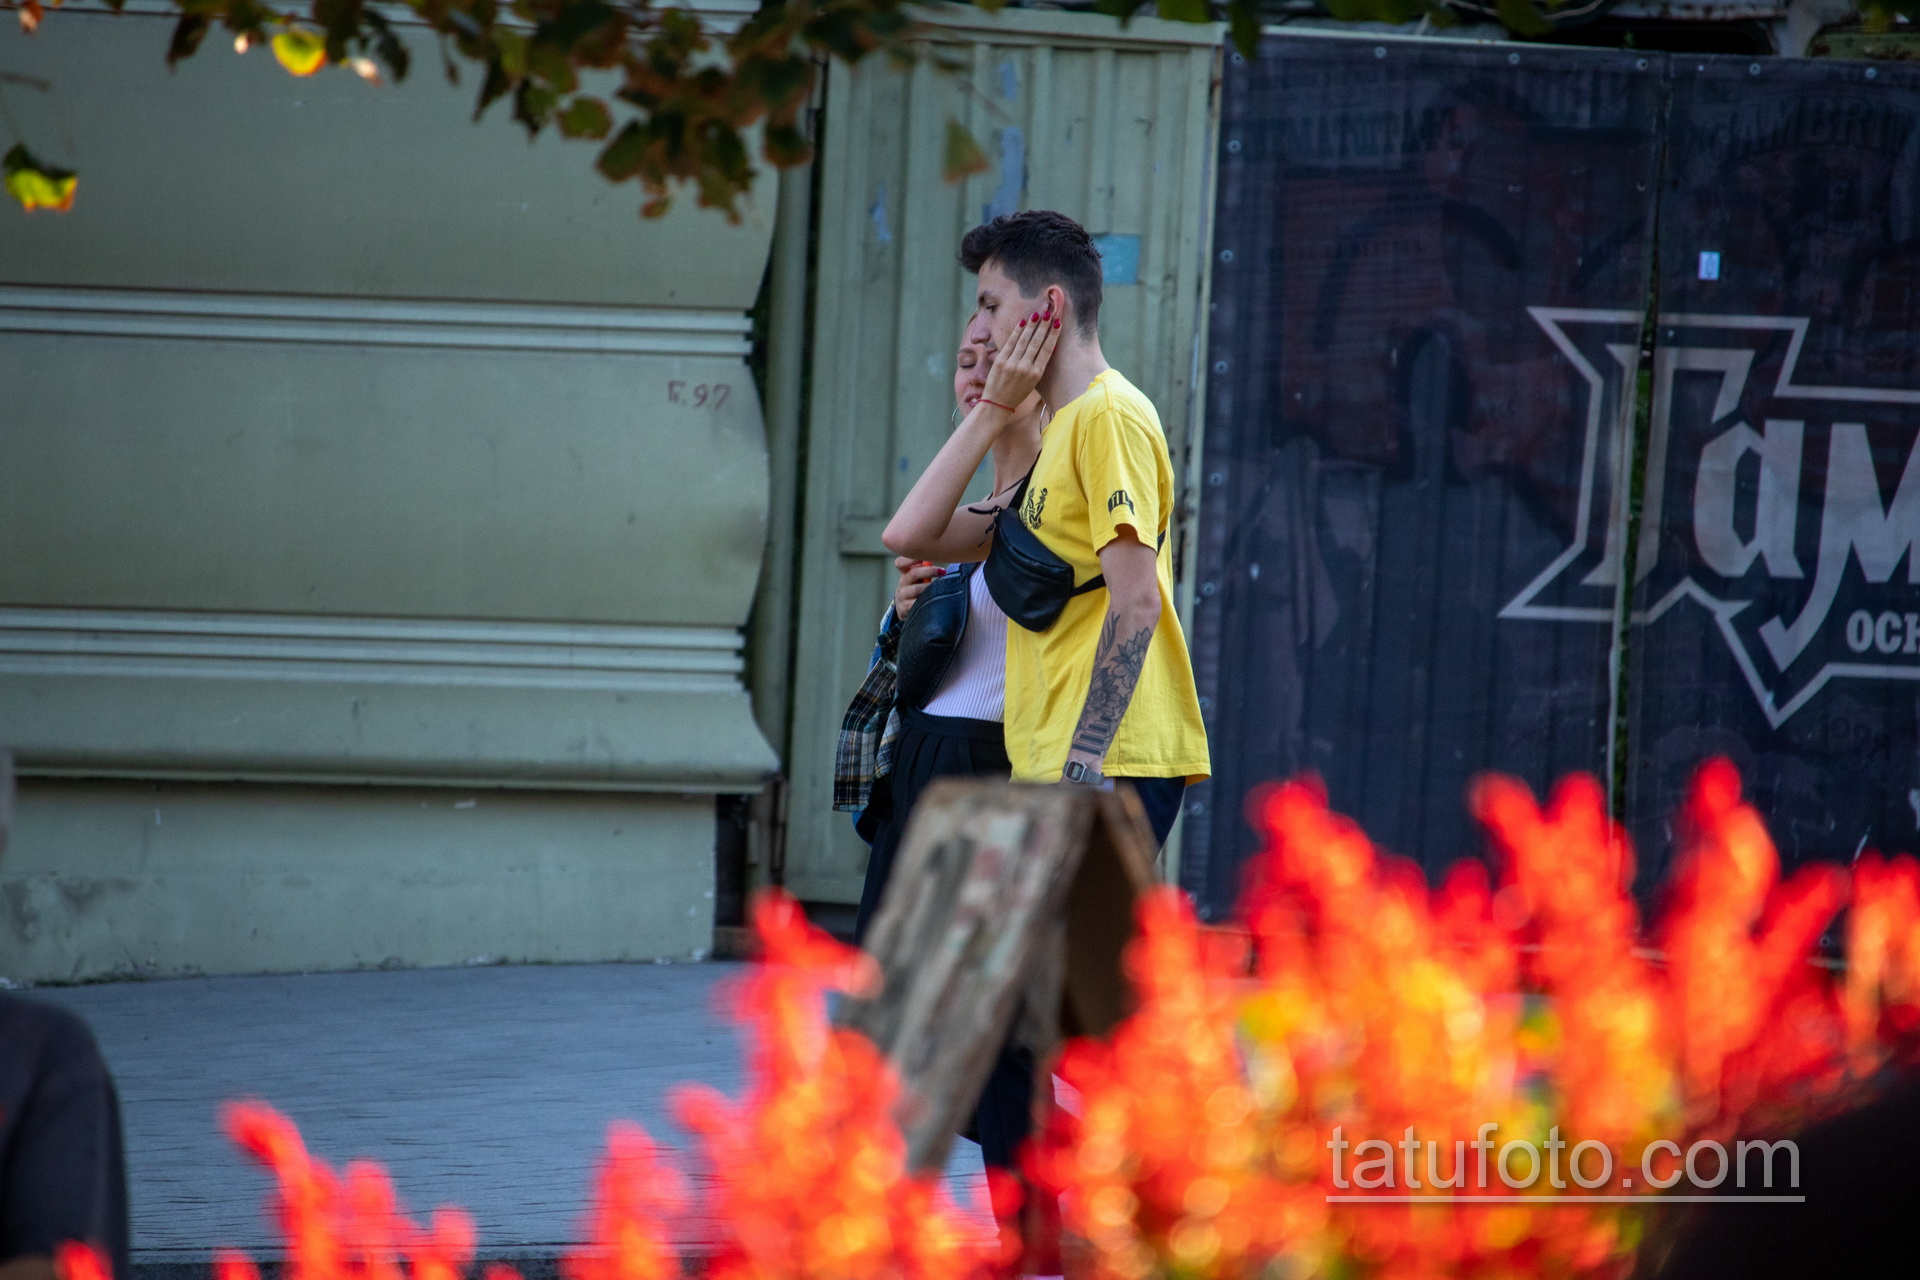 Тату цветы и клавиши на левой руке молодого парня – Уличная татуировка 14.09.2020 – tatufoto.com 6